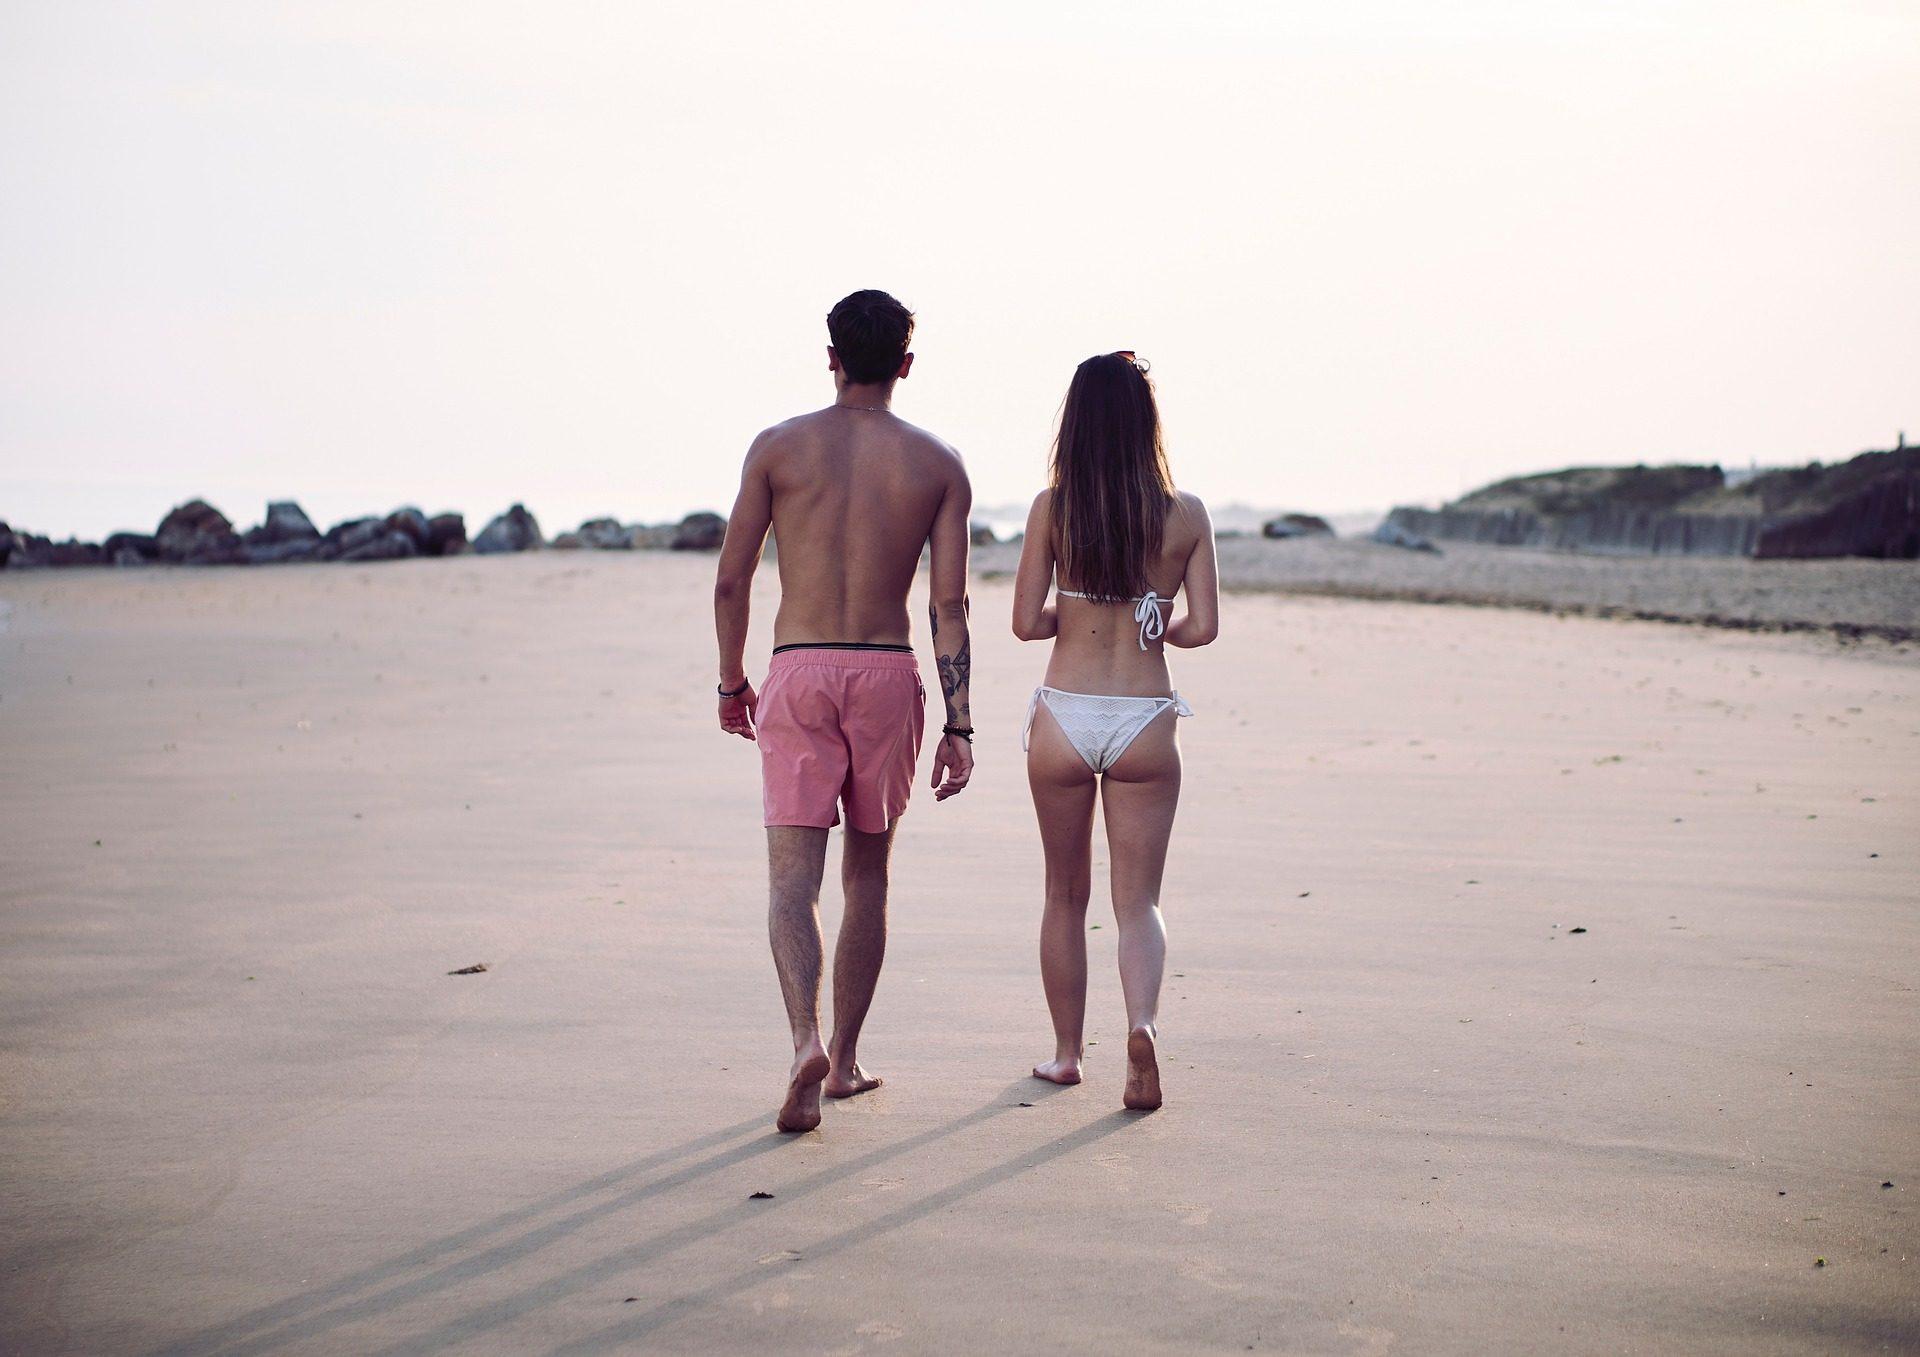 пара, Пляж, Купальный костюм, бикини, камни, человек, женщина - Обои HD - Профессор falken.com